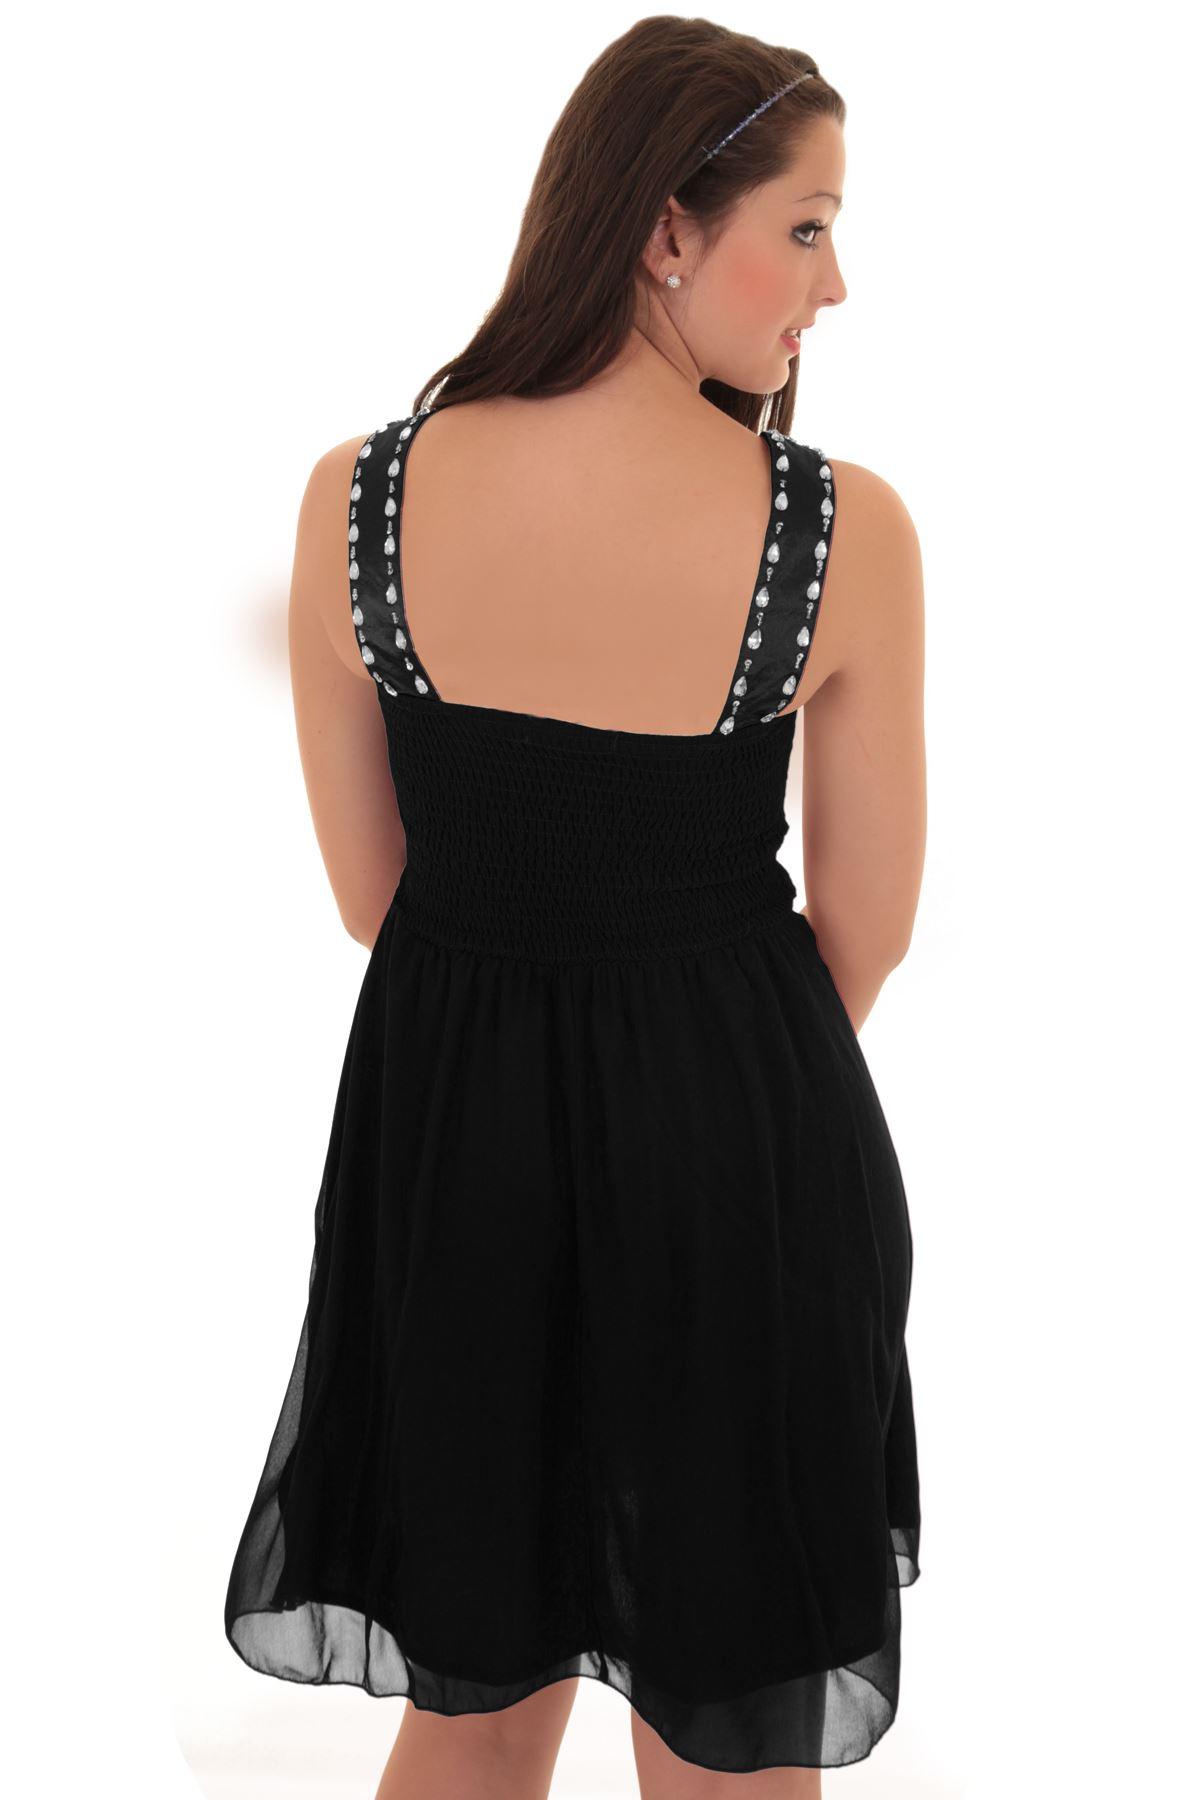 ᄄᆭvasᄄᆭe strass Col mousseline courte manches ᄄᆭvasᄄᆭe robe rembourrᄄᆭe de soie V sans en femmes b6vIf7gYy